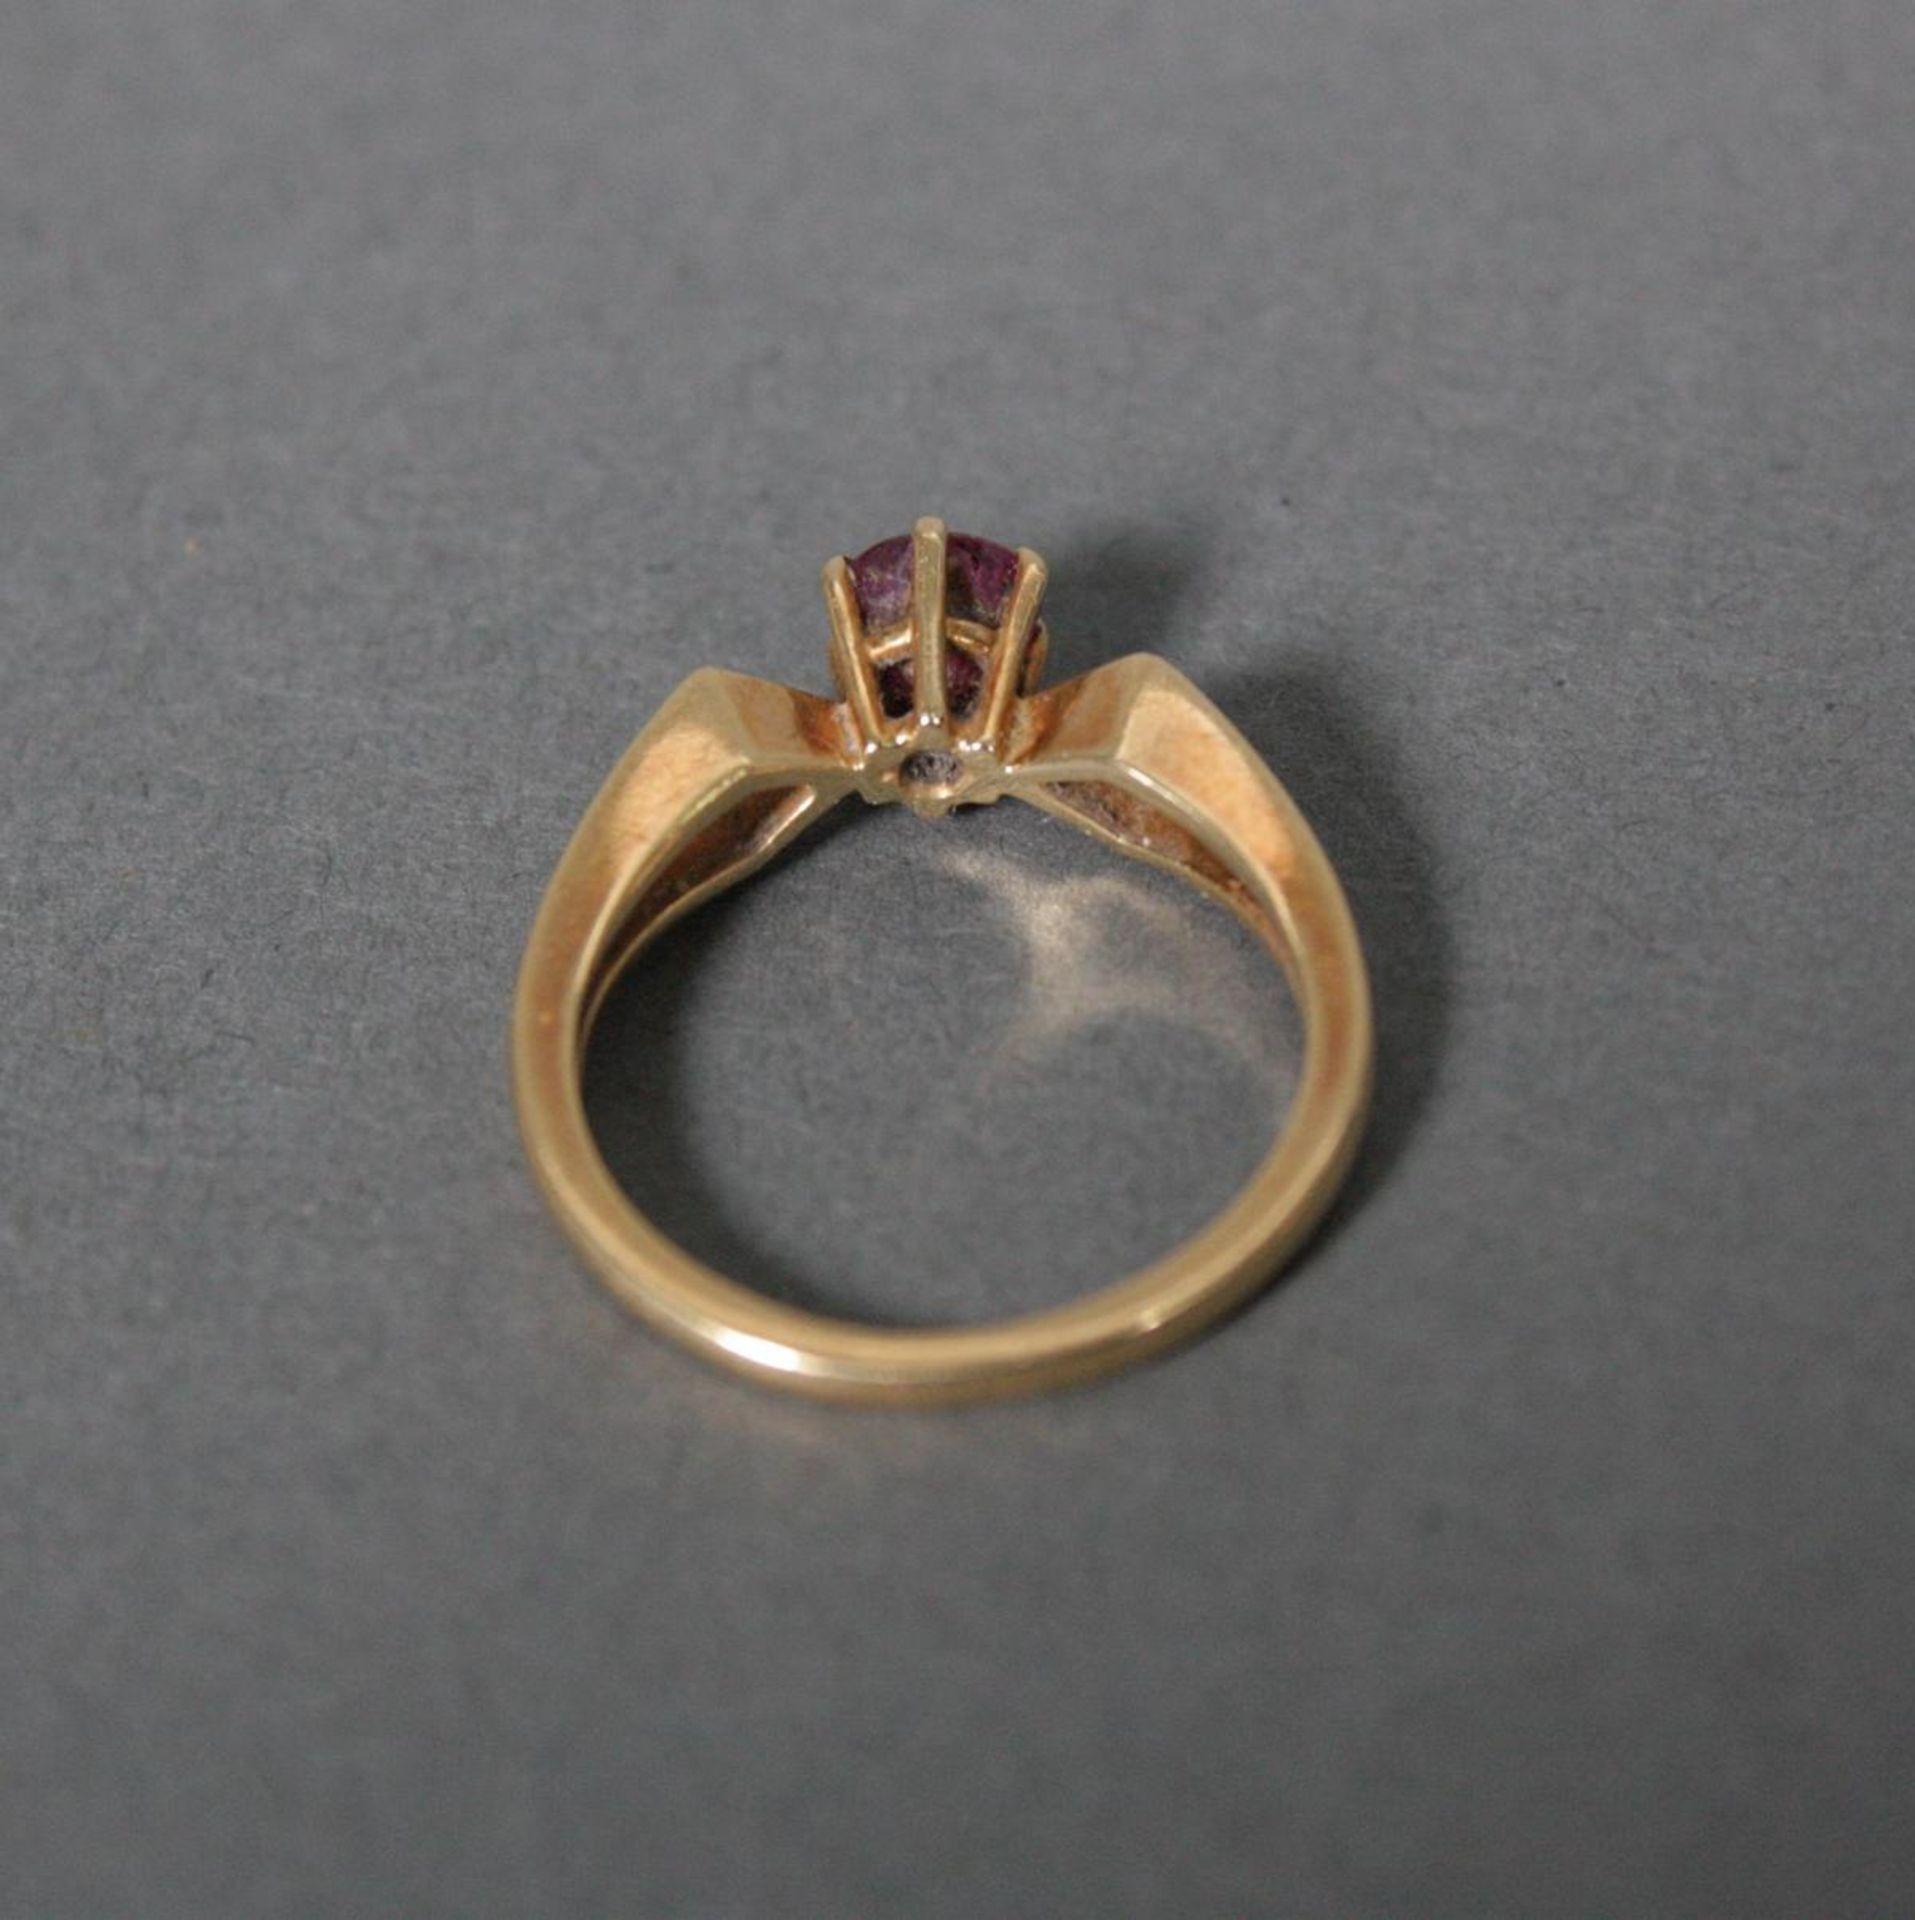 Ring mit Rubin, 18 Karat Gelbgold - Bild 3 aus 3